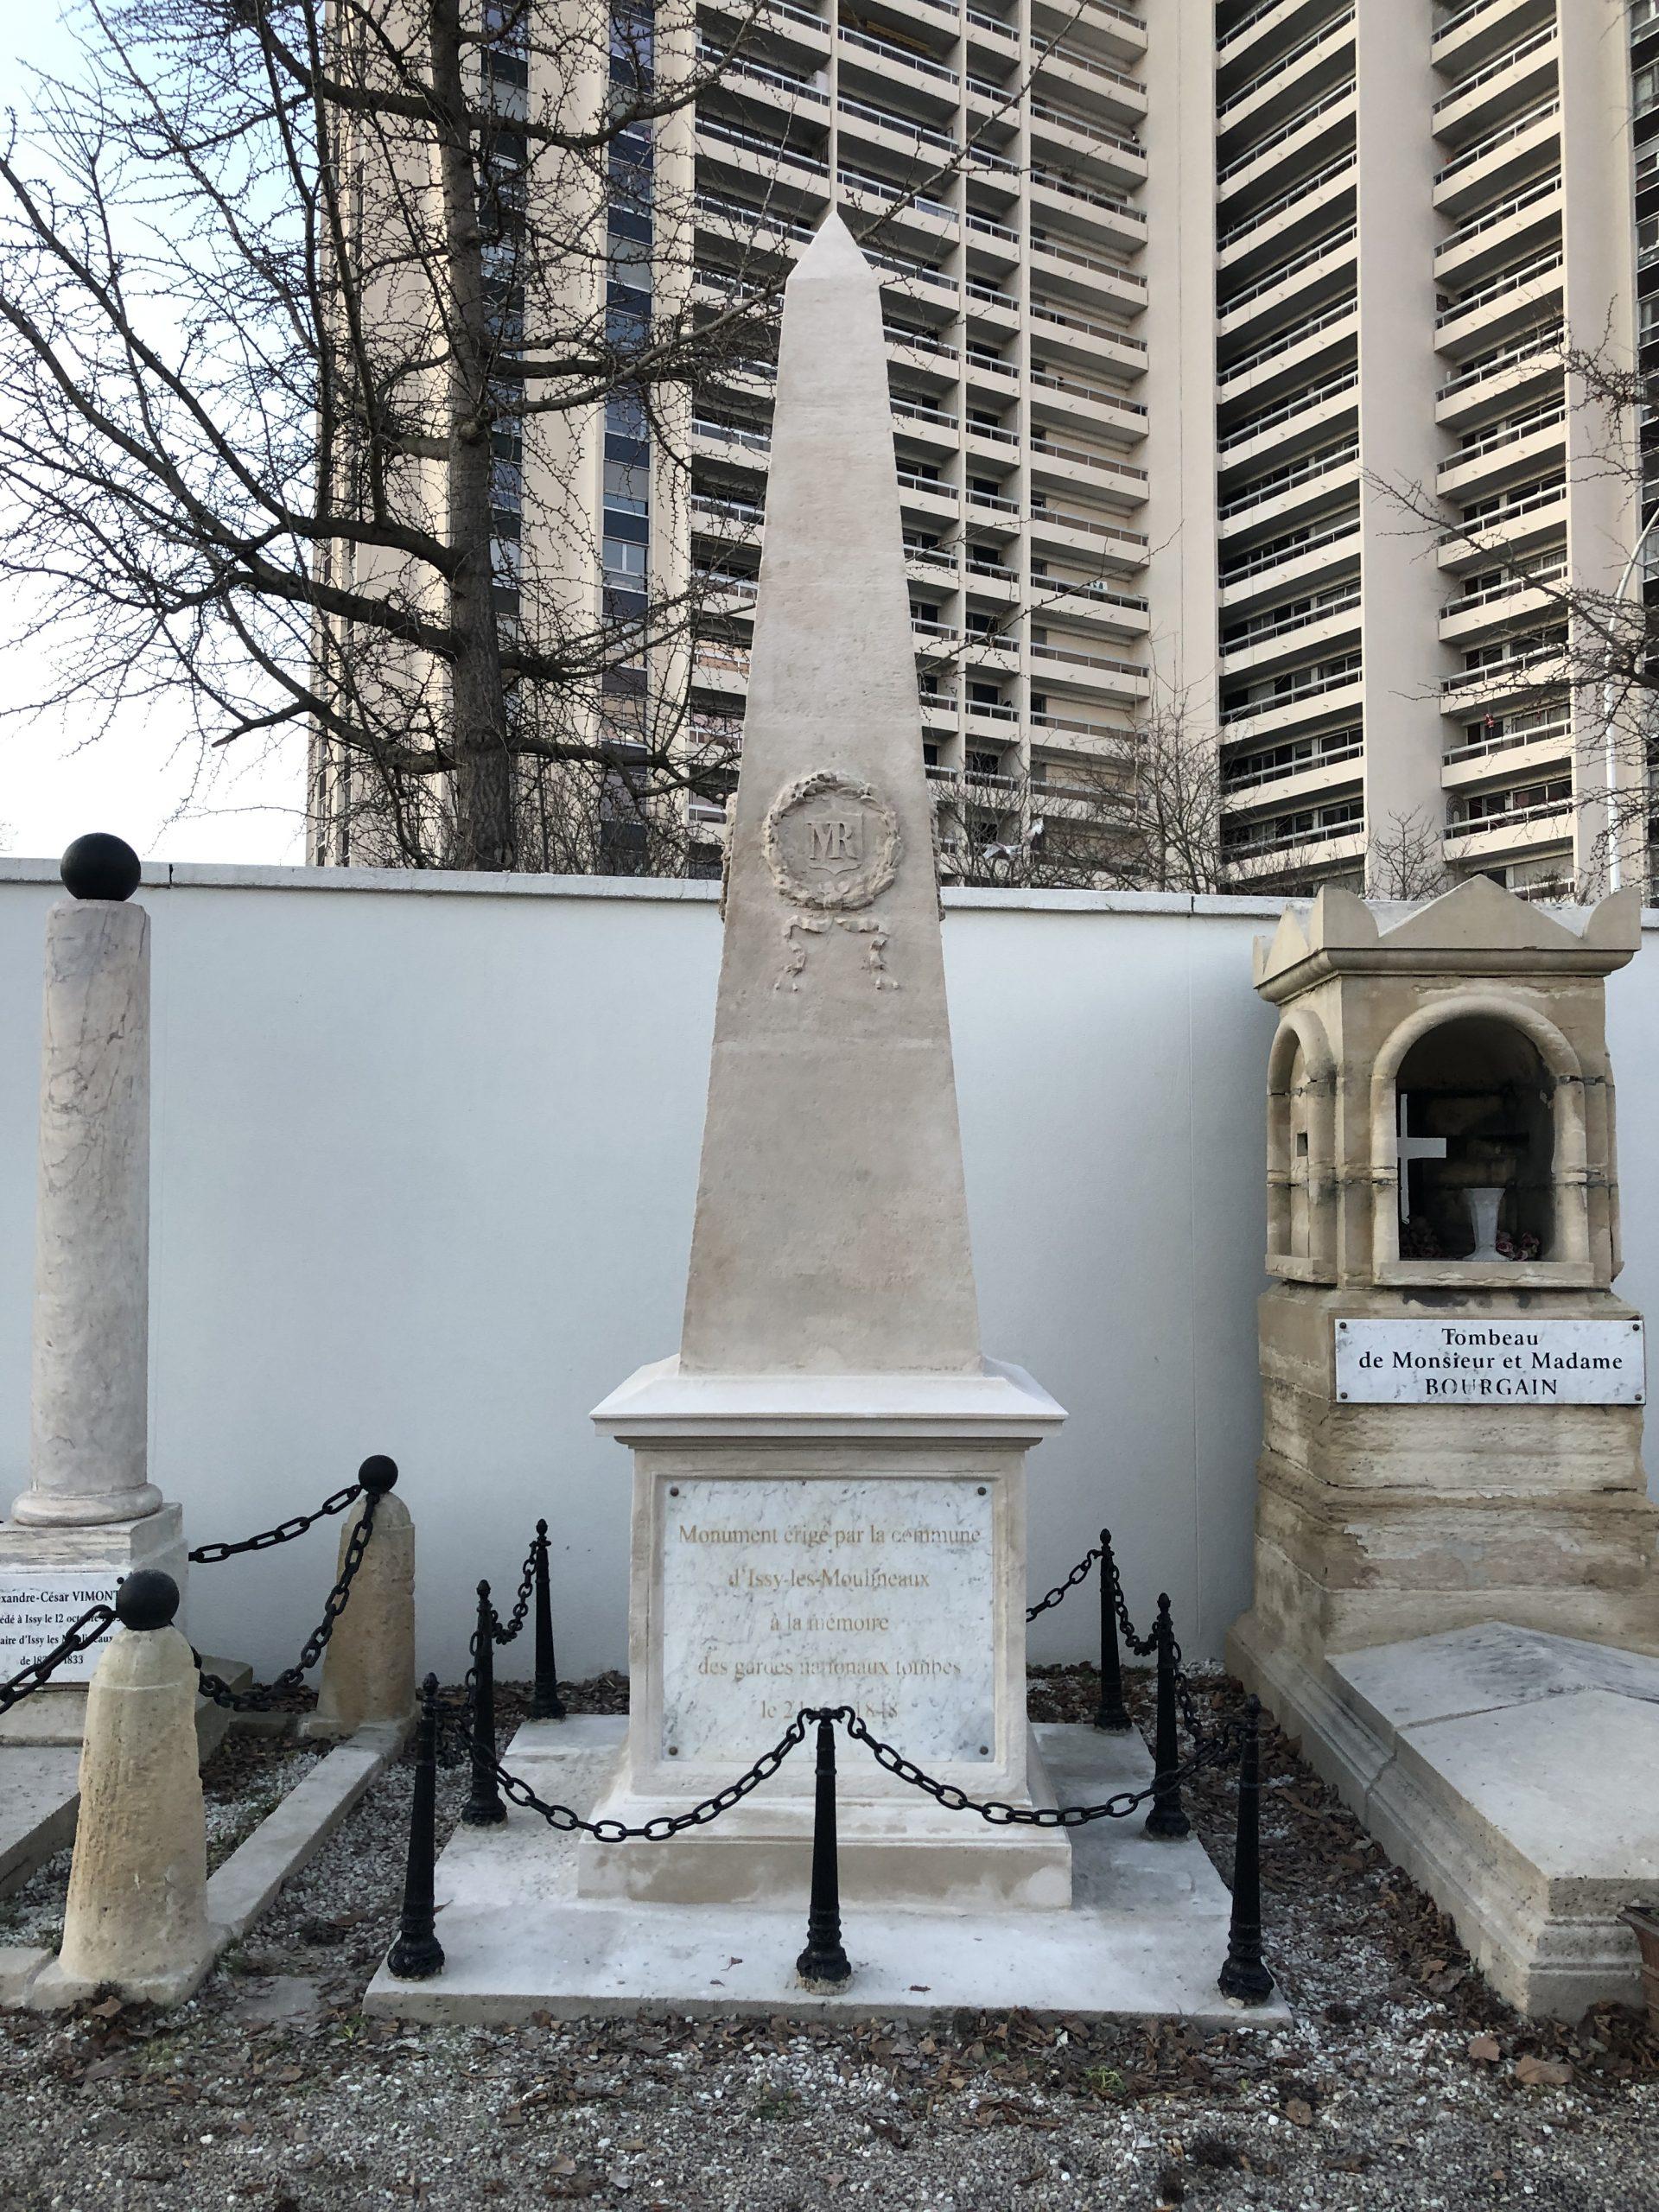 Restauration de deux monuments aux morts au cimetière d'Issy-les-Moulineaux